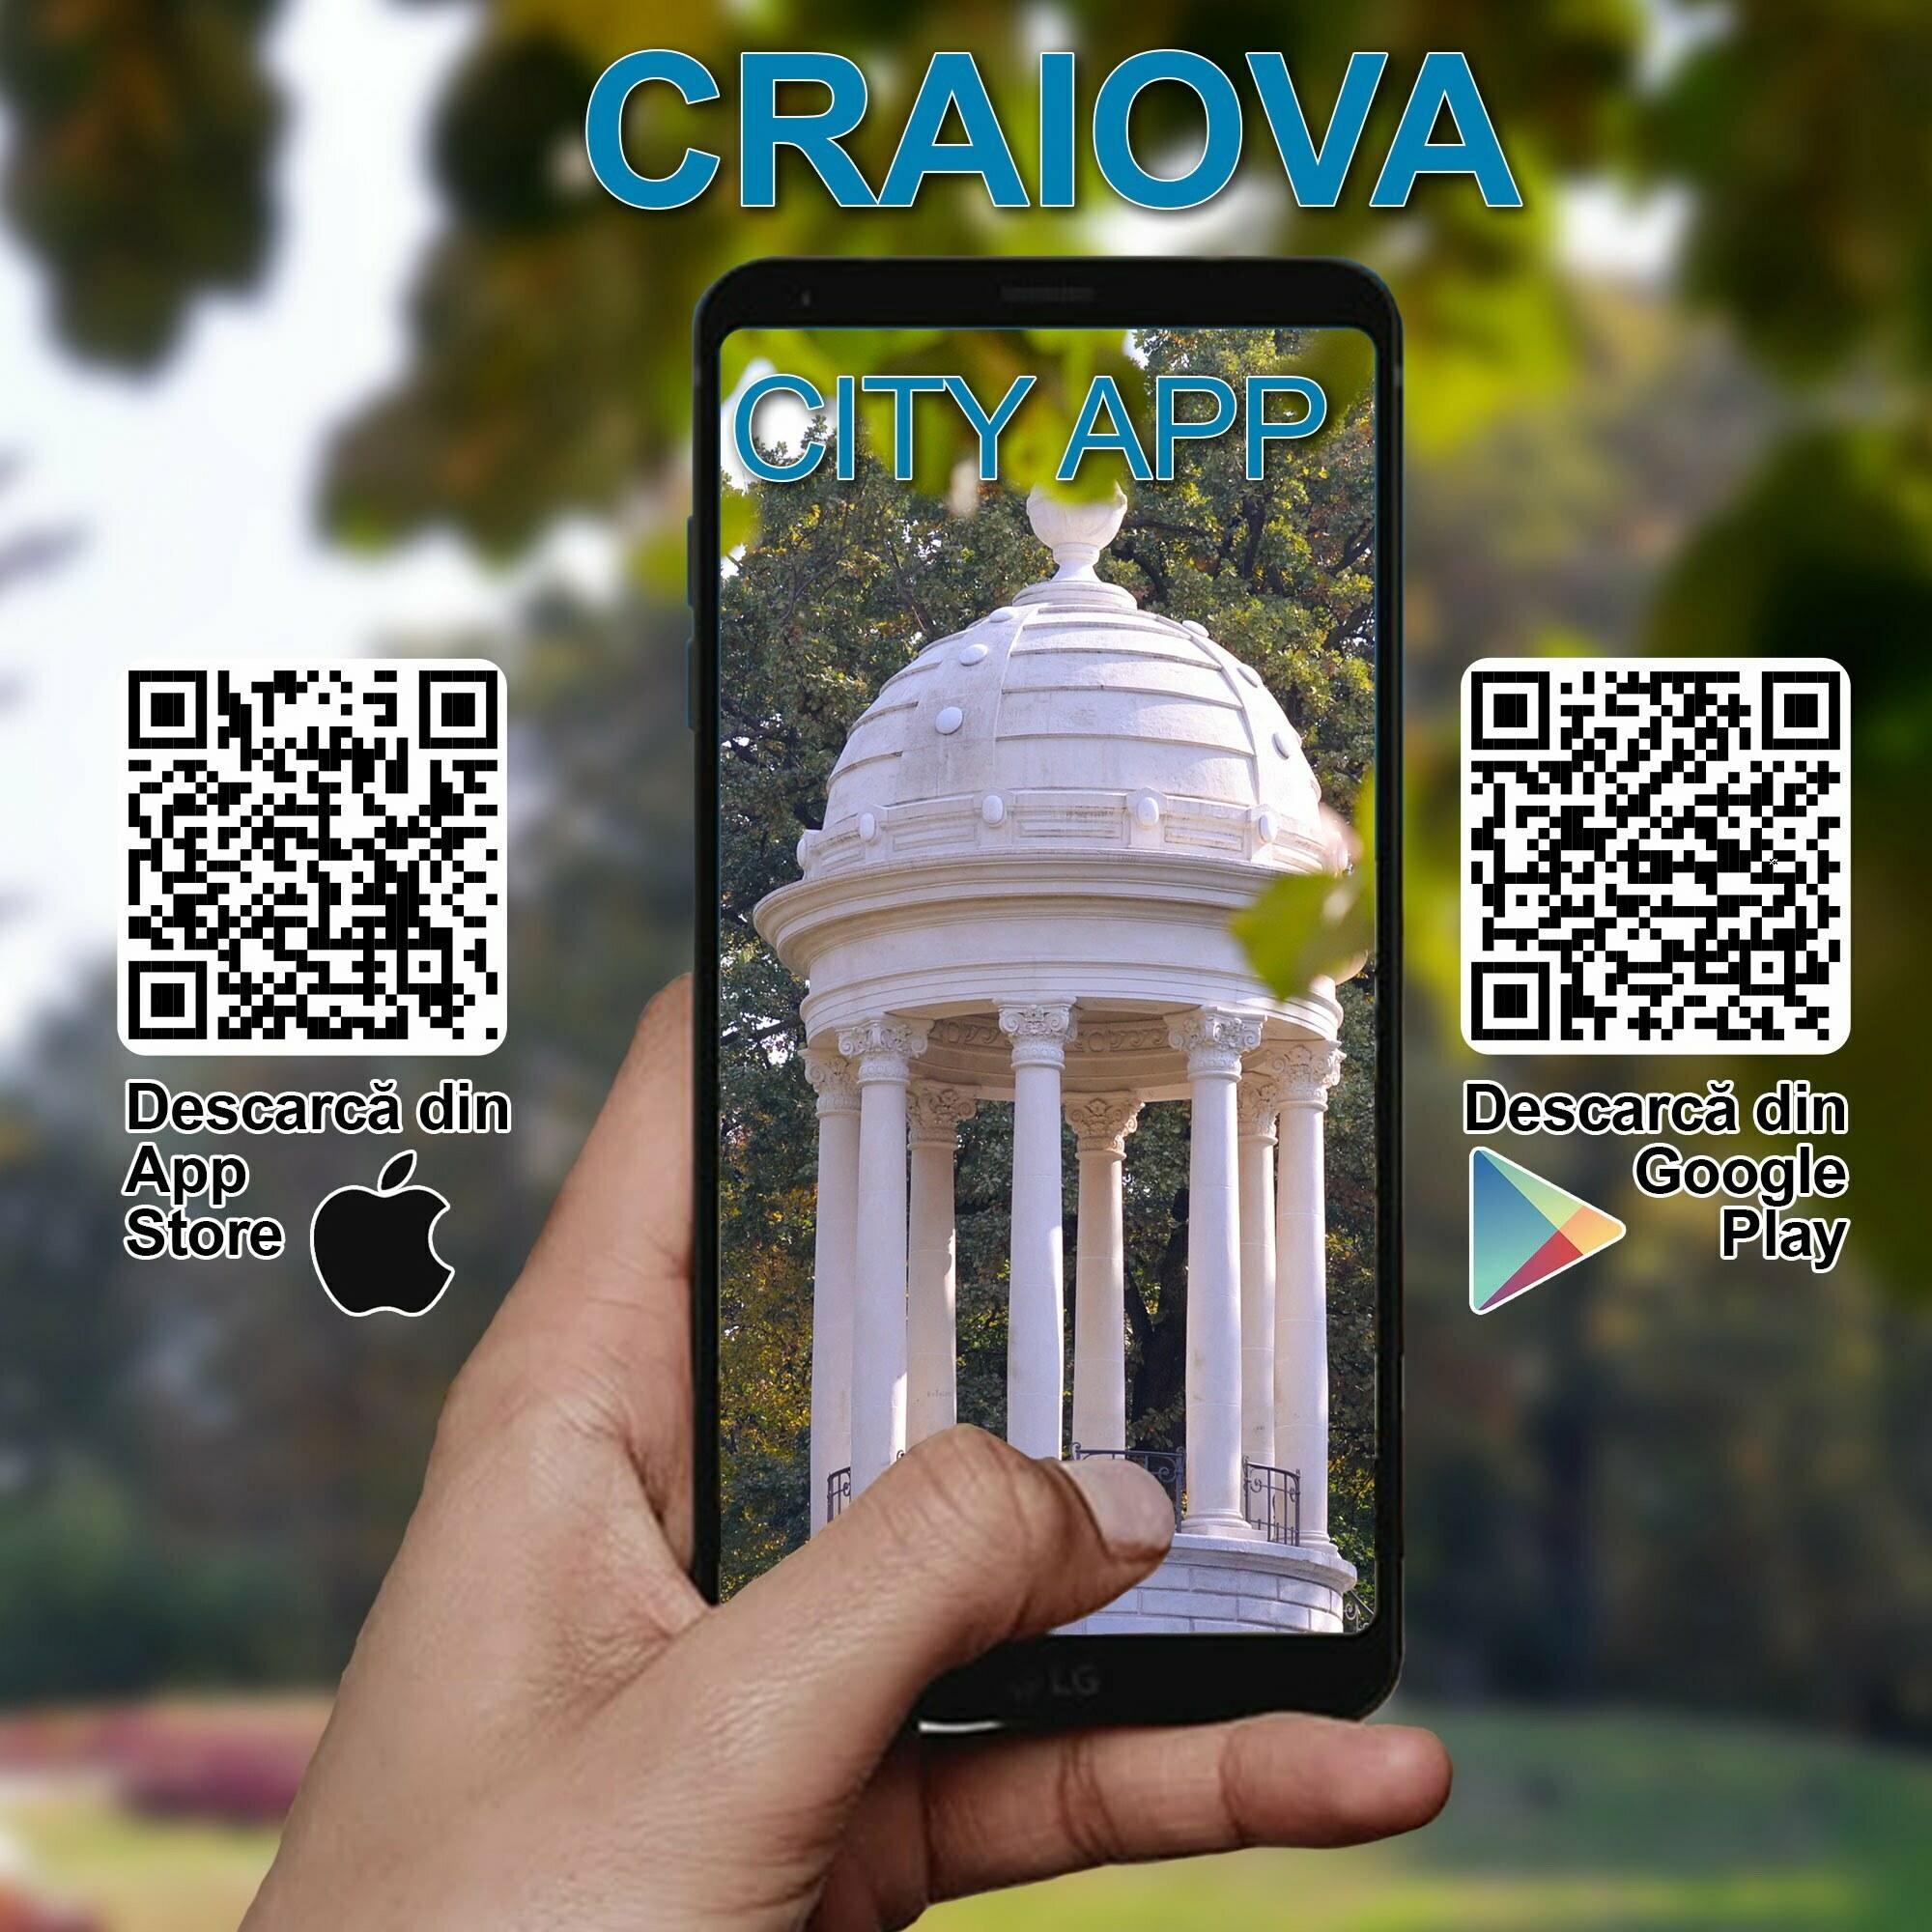 City App Primaria Craiova